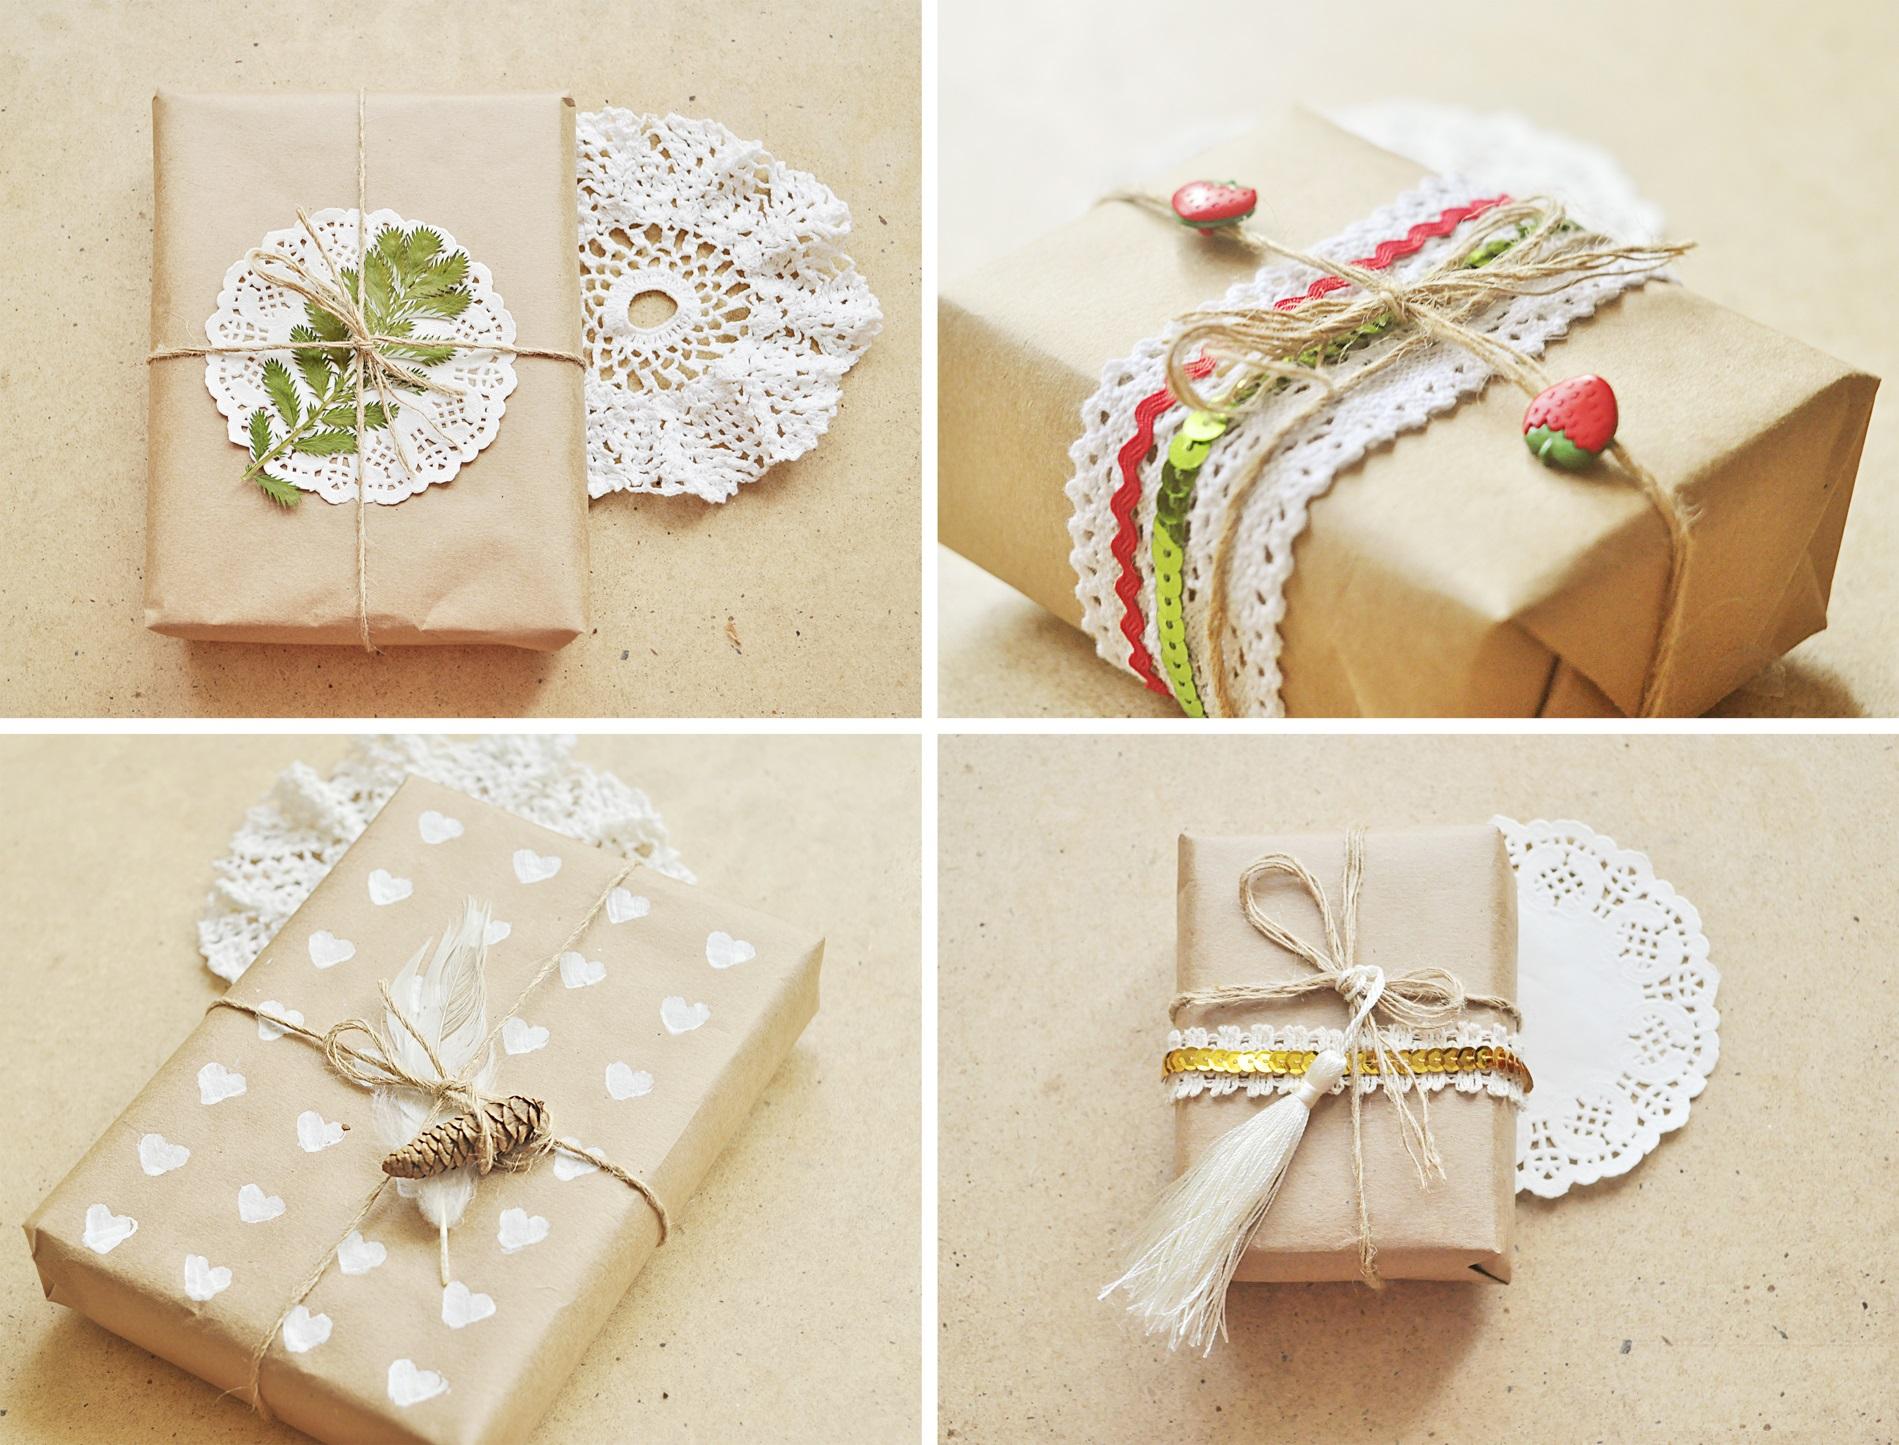 Красиво упаковать подарок своими руками мужчине